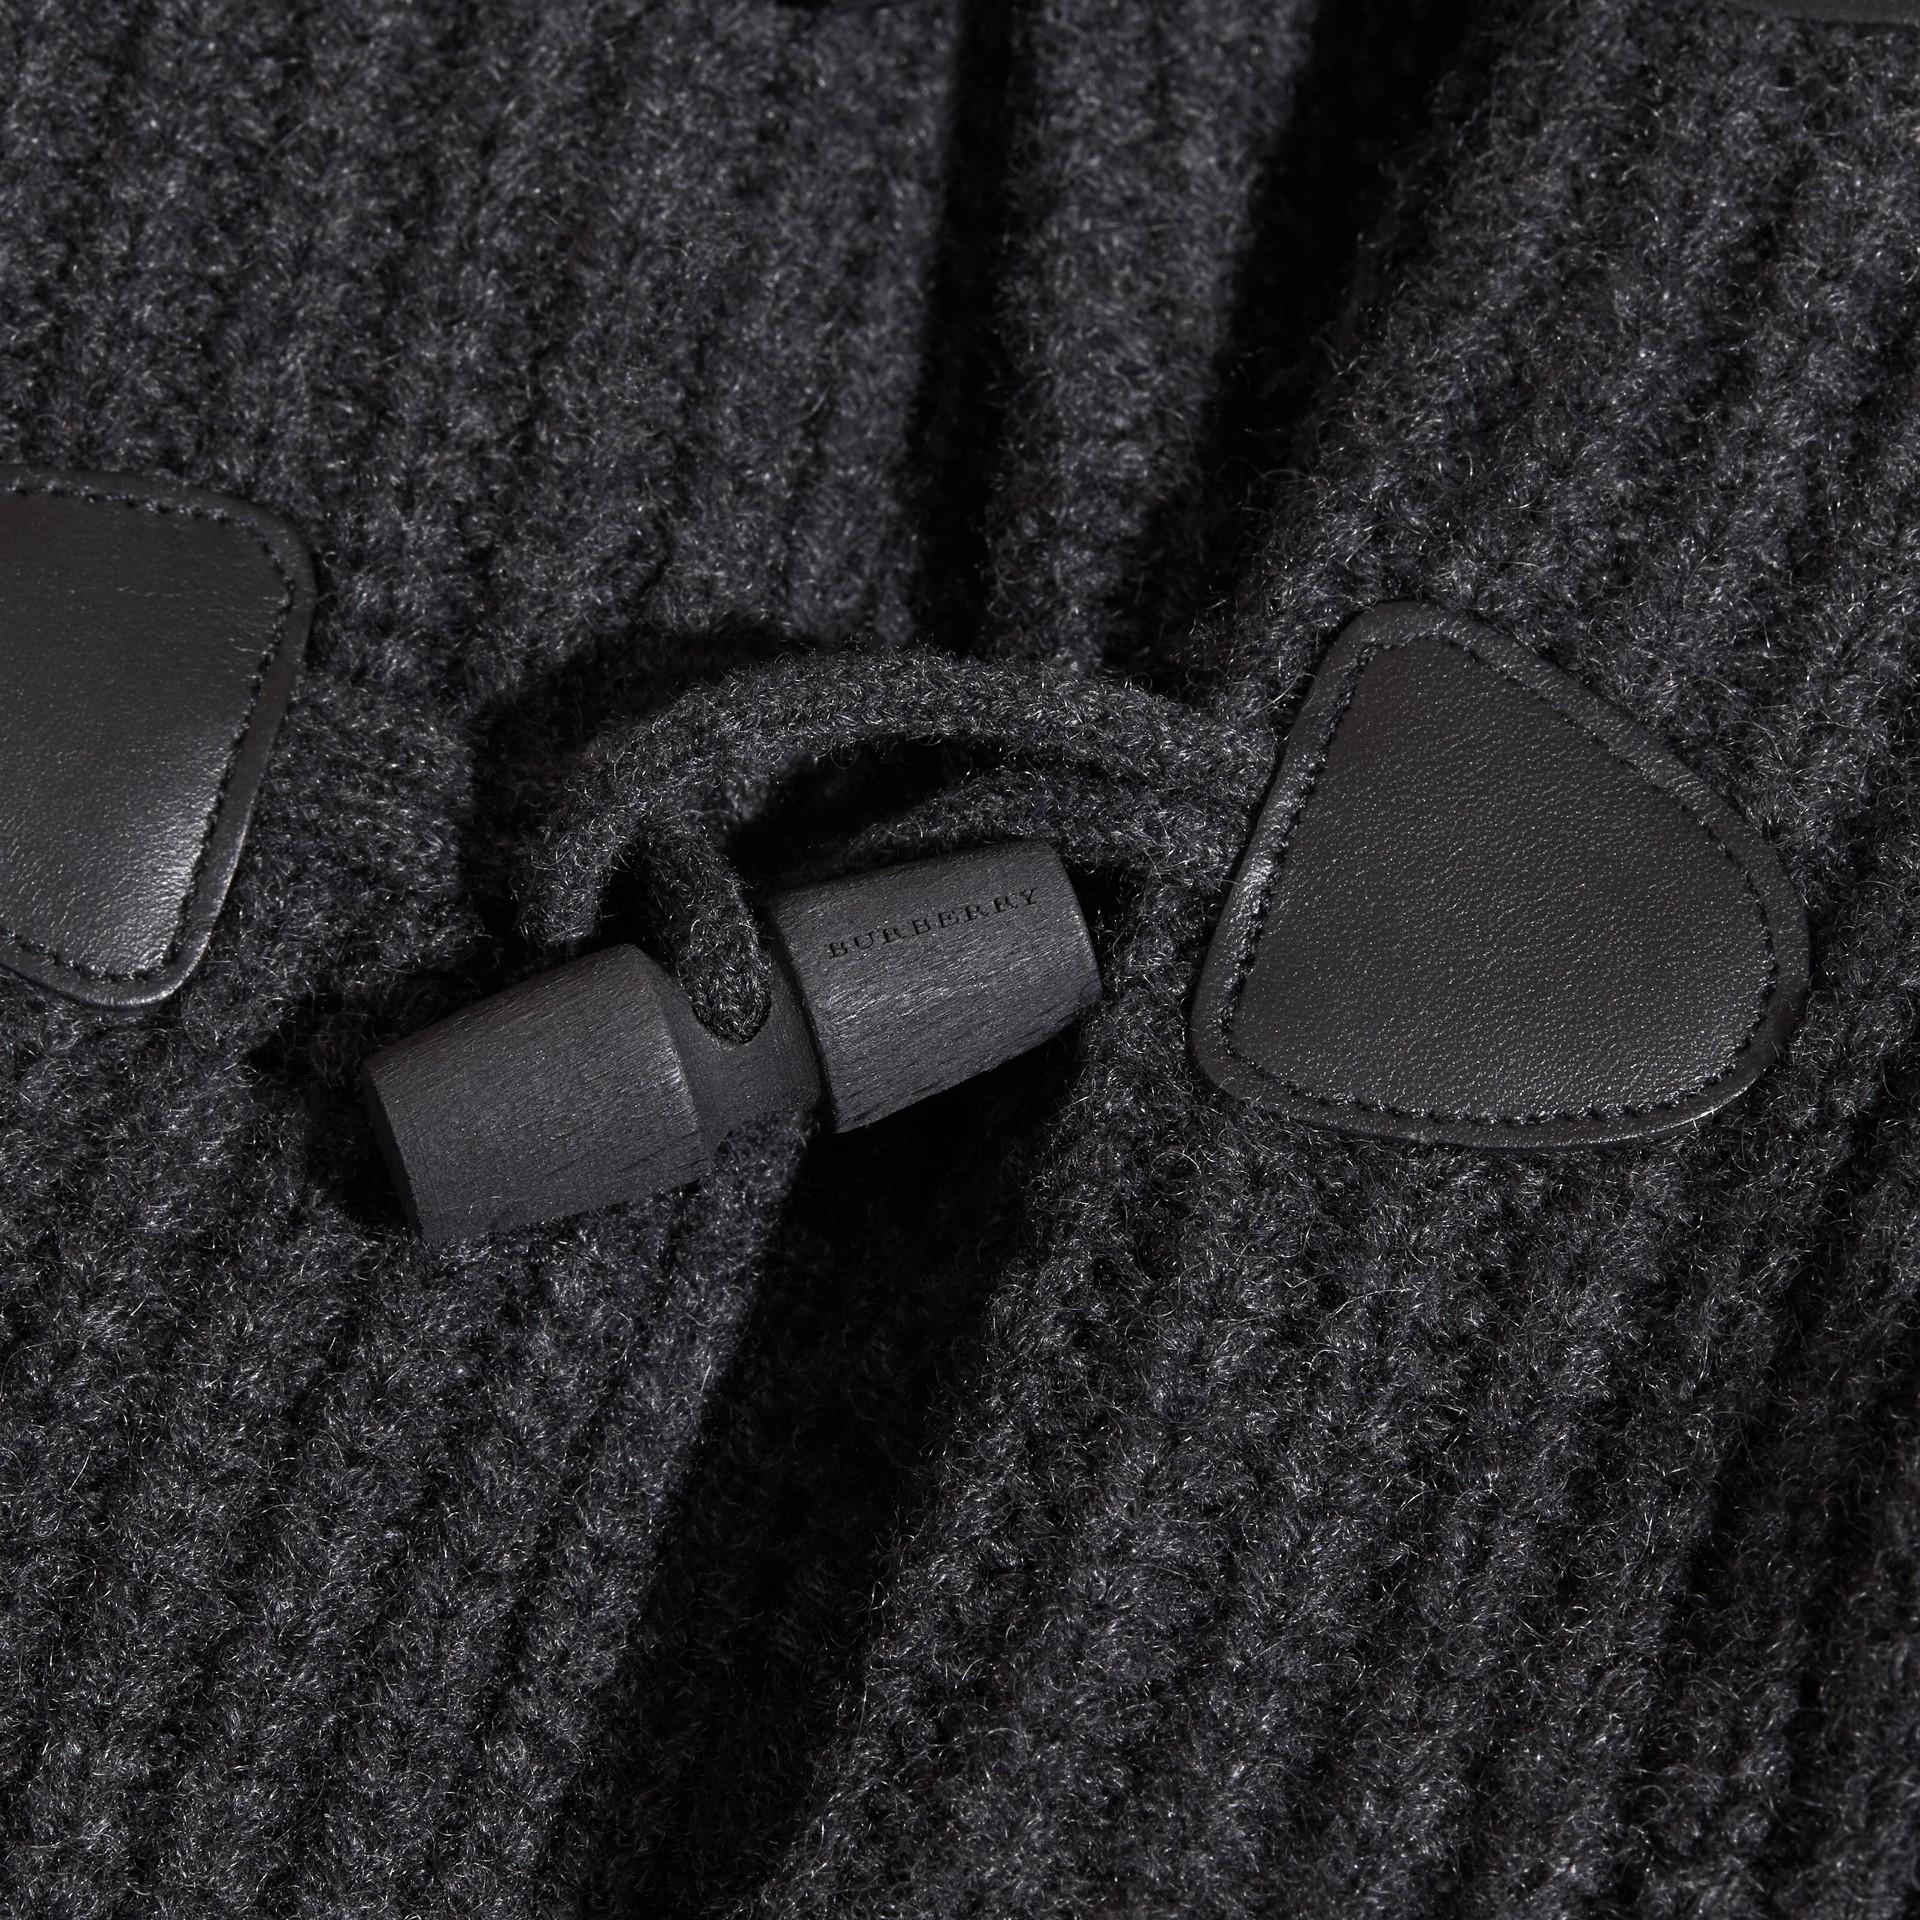 Camaïeu anthracite Cardigan en laine et cachemire avec boutons-olives - photo de la galerie 2